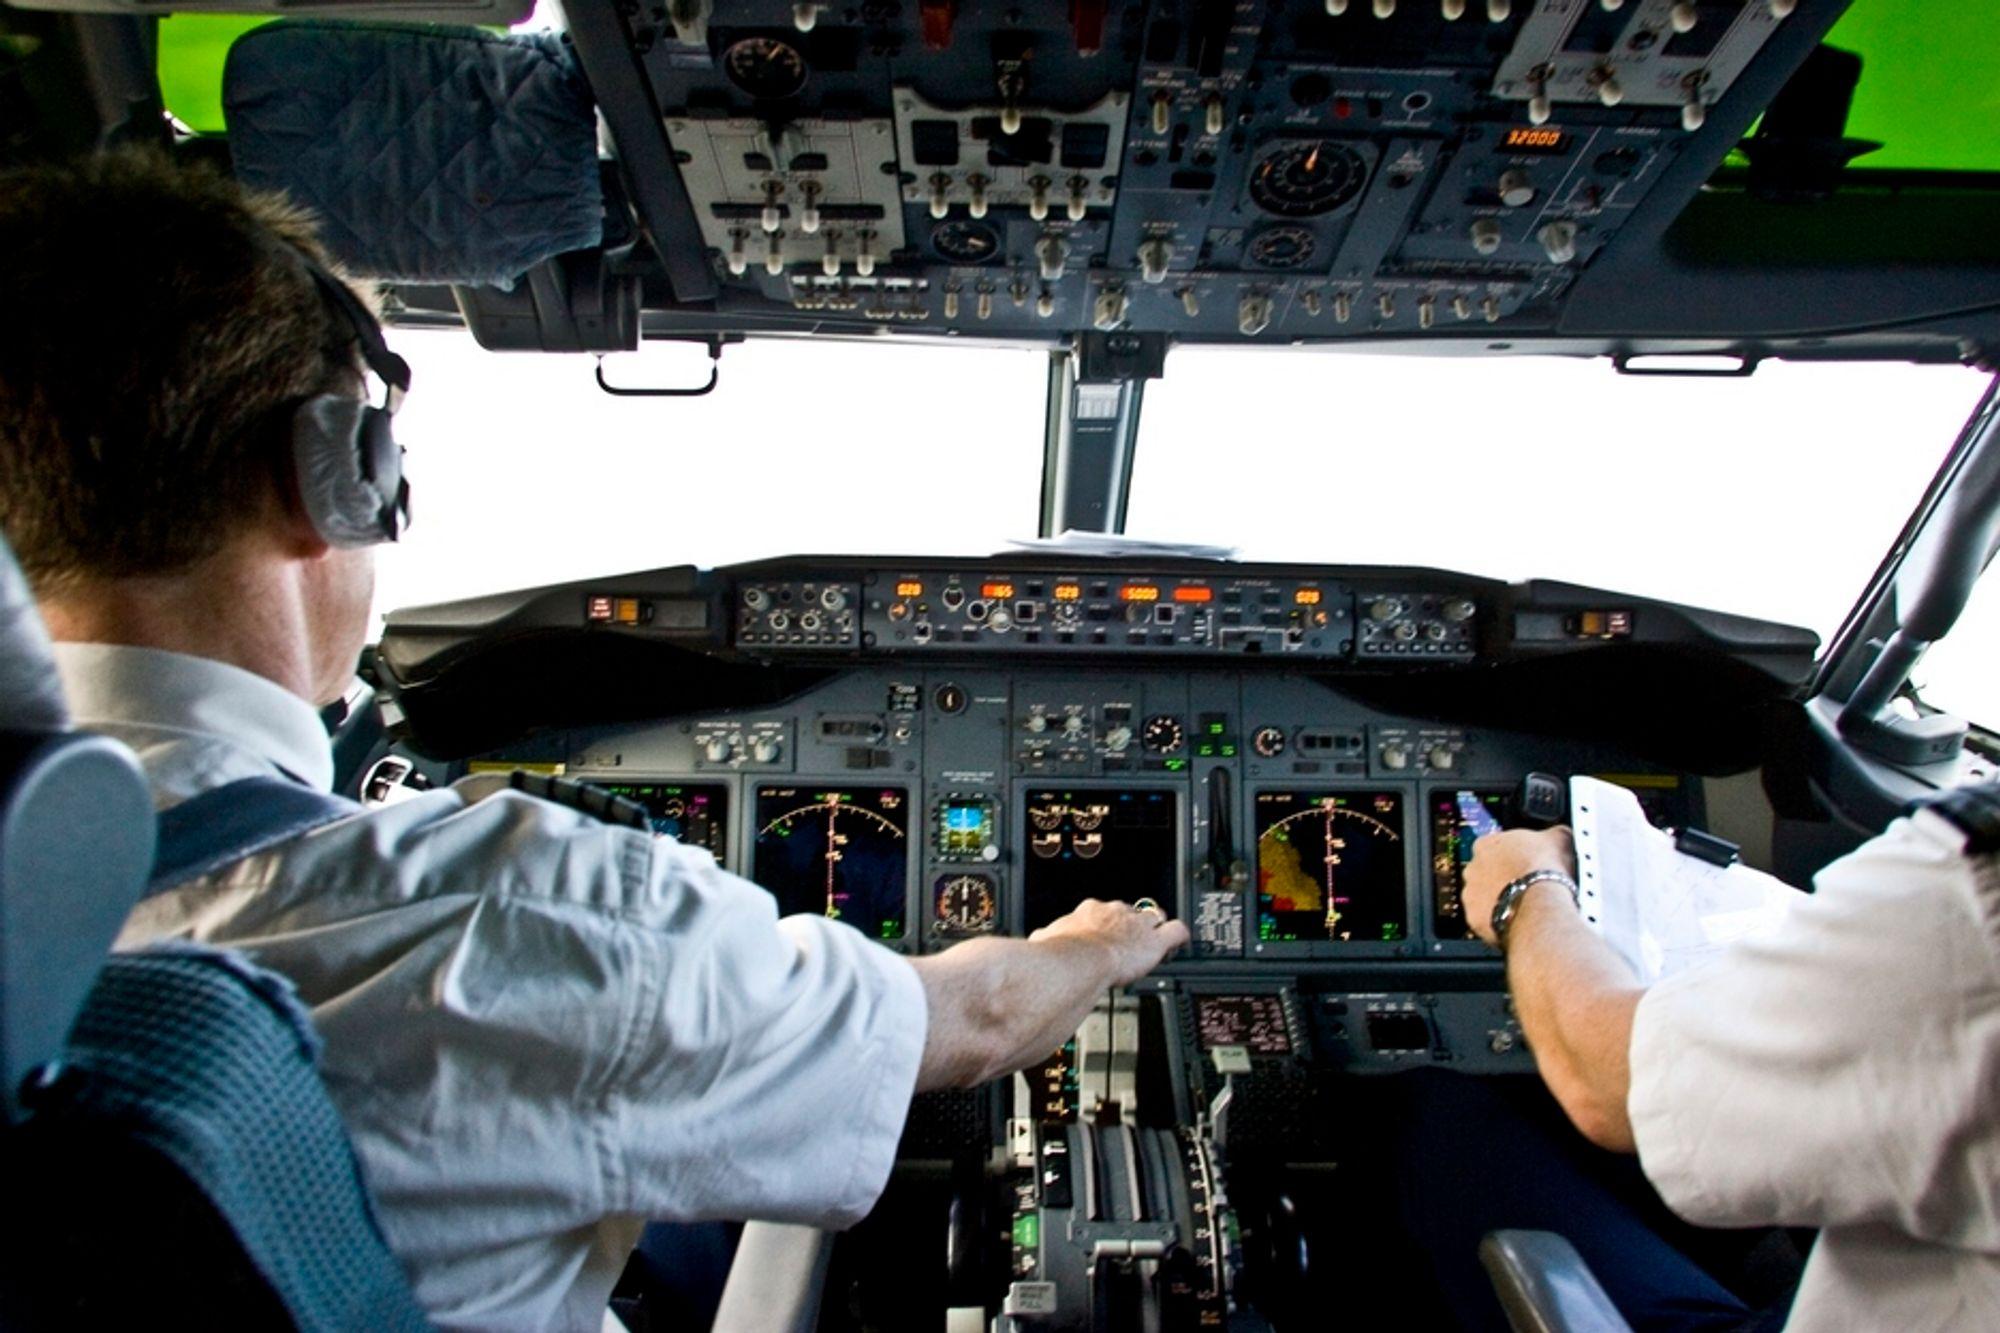 SLUTT: Luftfartstilsynet krever dokumentasjon på styrket egenkapital hos flyskolen. Dokumentasjonen uteblir, dermed mister de også lisensen til å utdanne piloter.